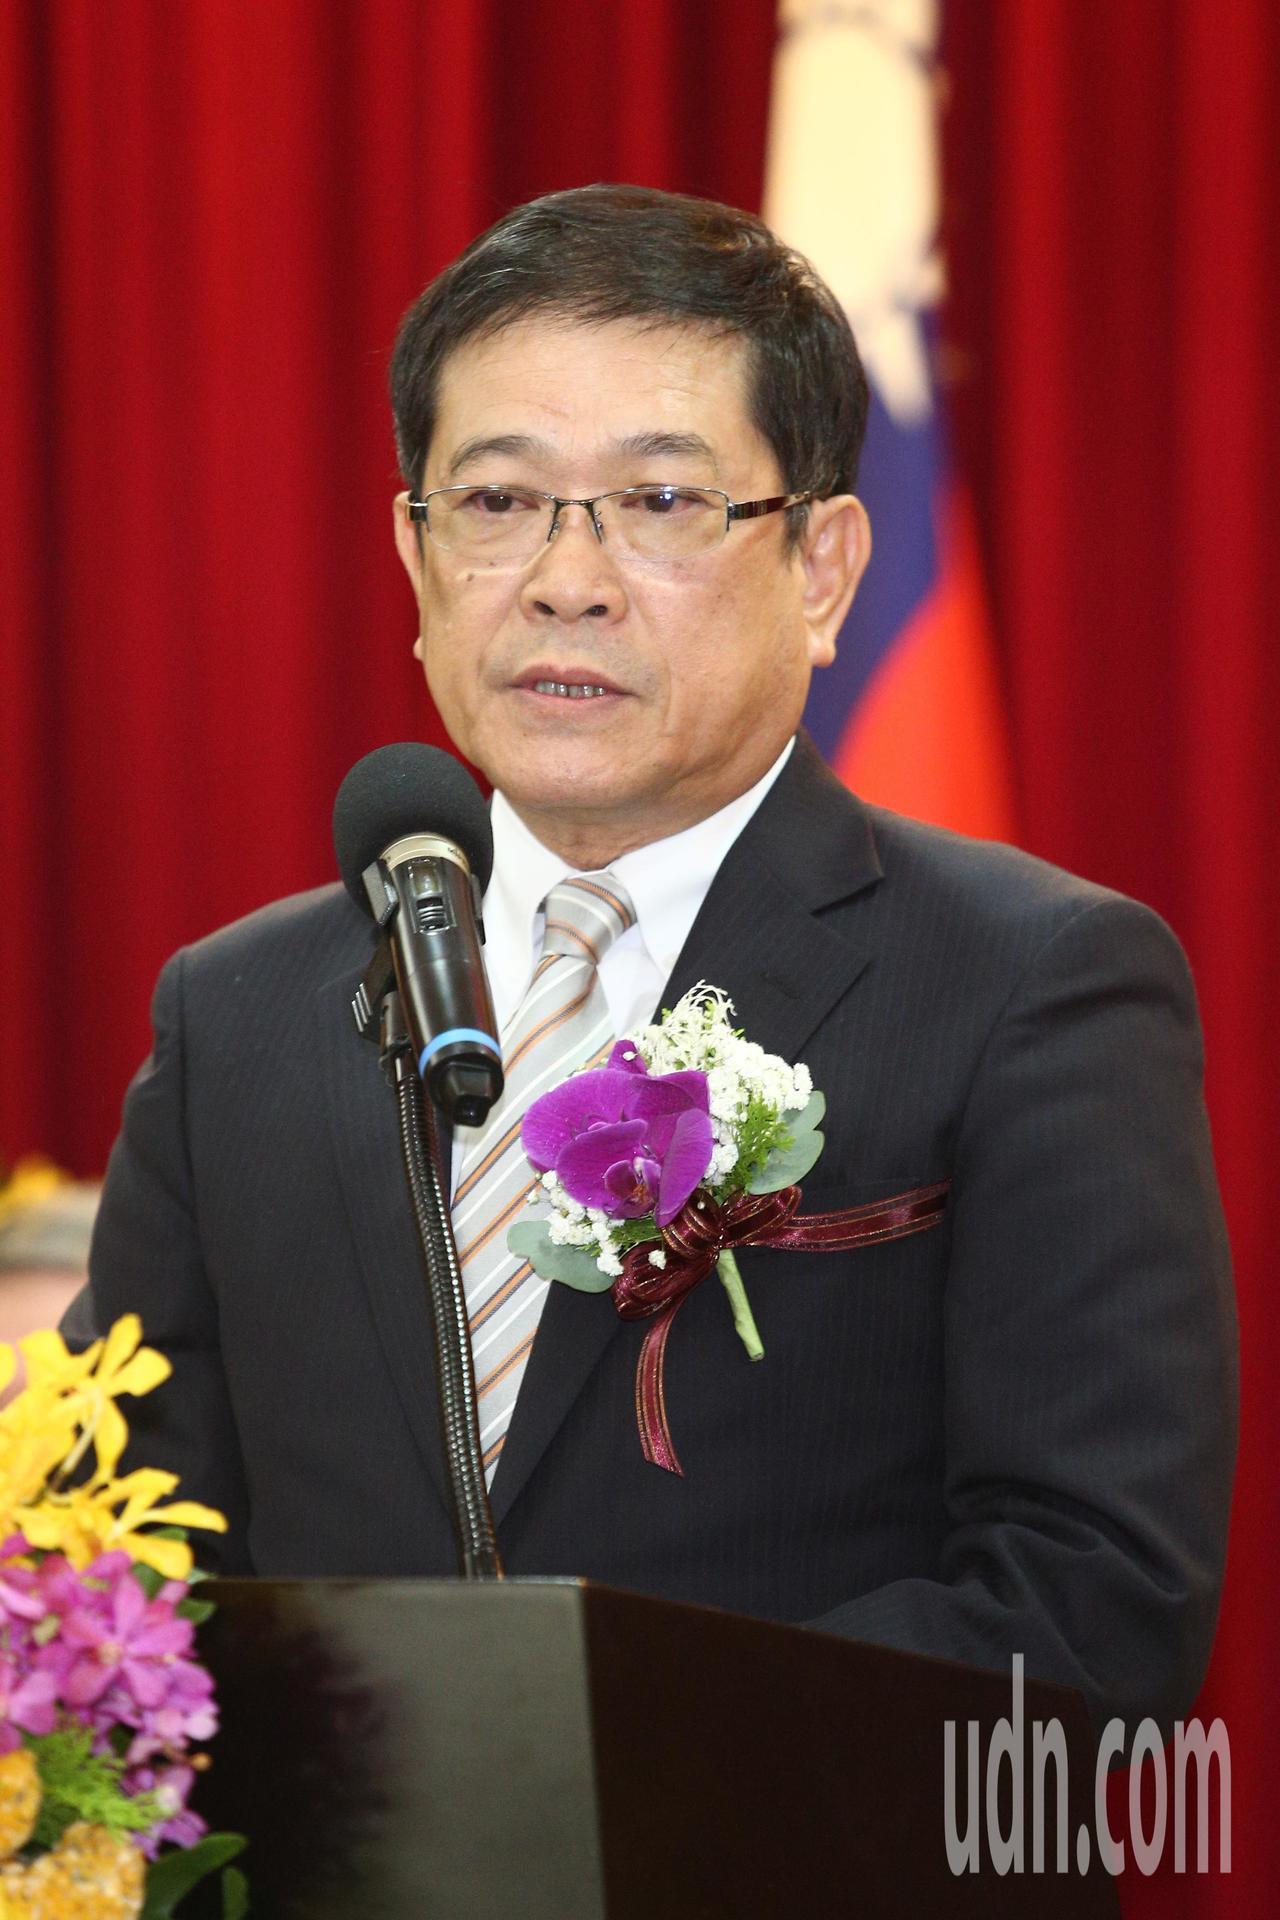 在經濟部服務四十年的常務次長楊偉甫將接任台電董事長,上午舉行歡送會致詞時表示,下...